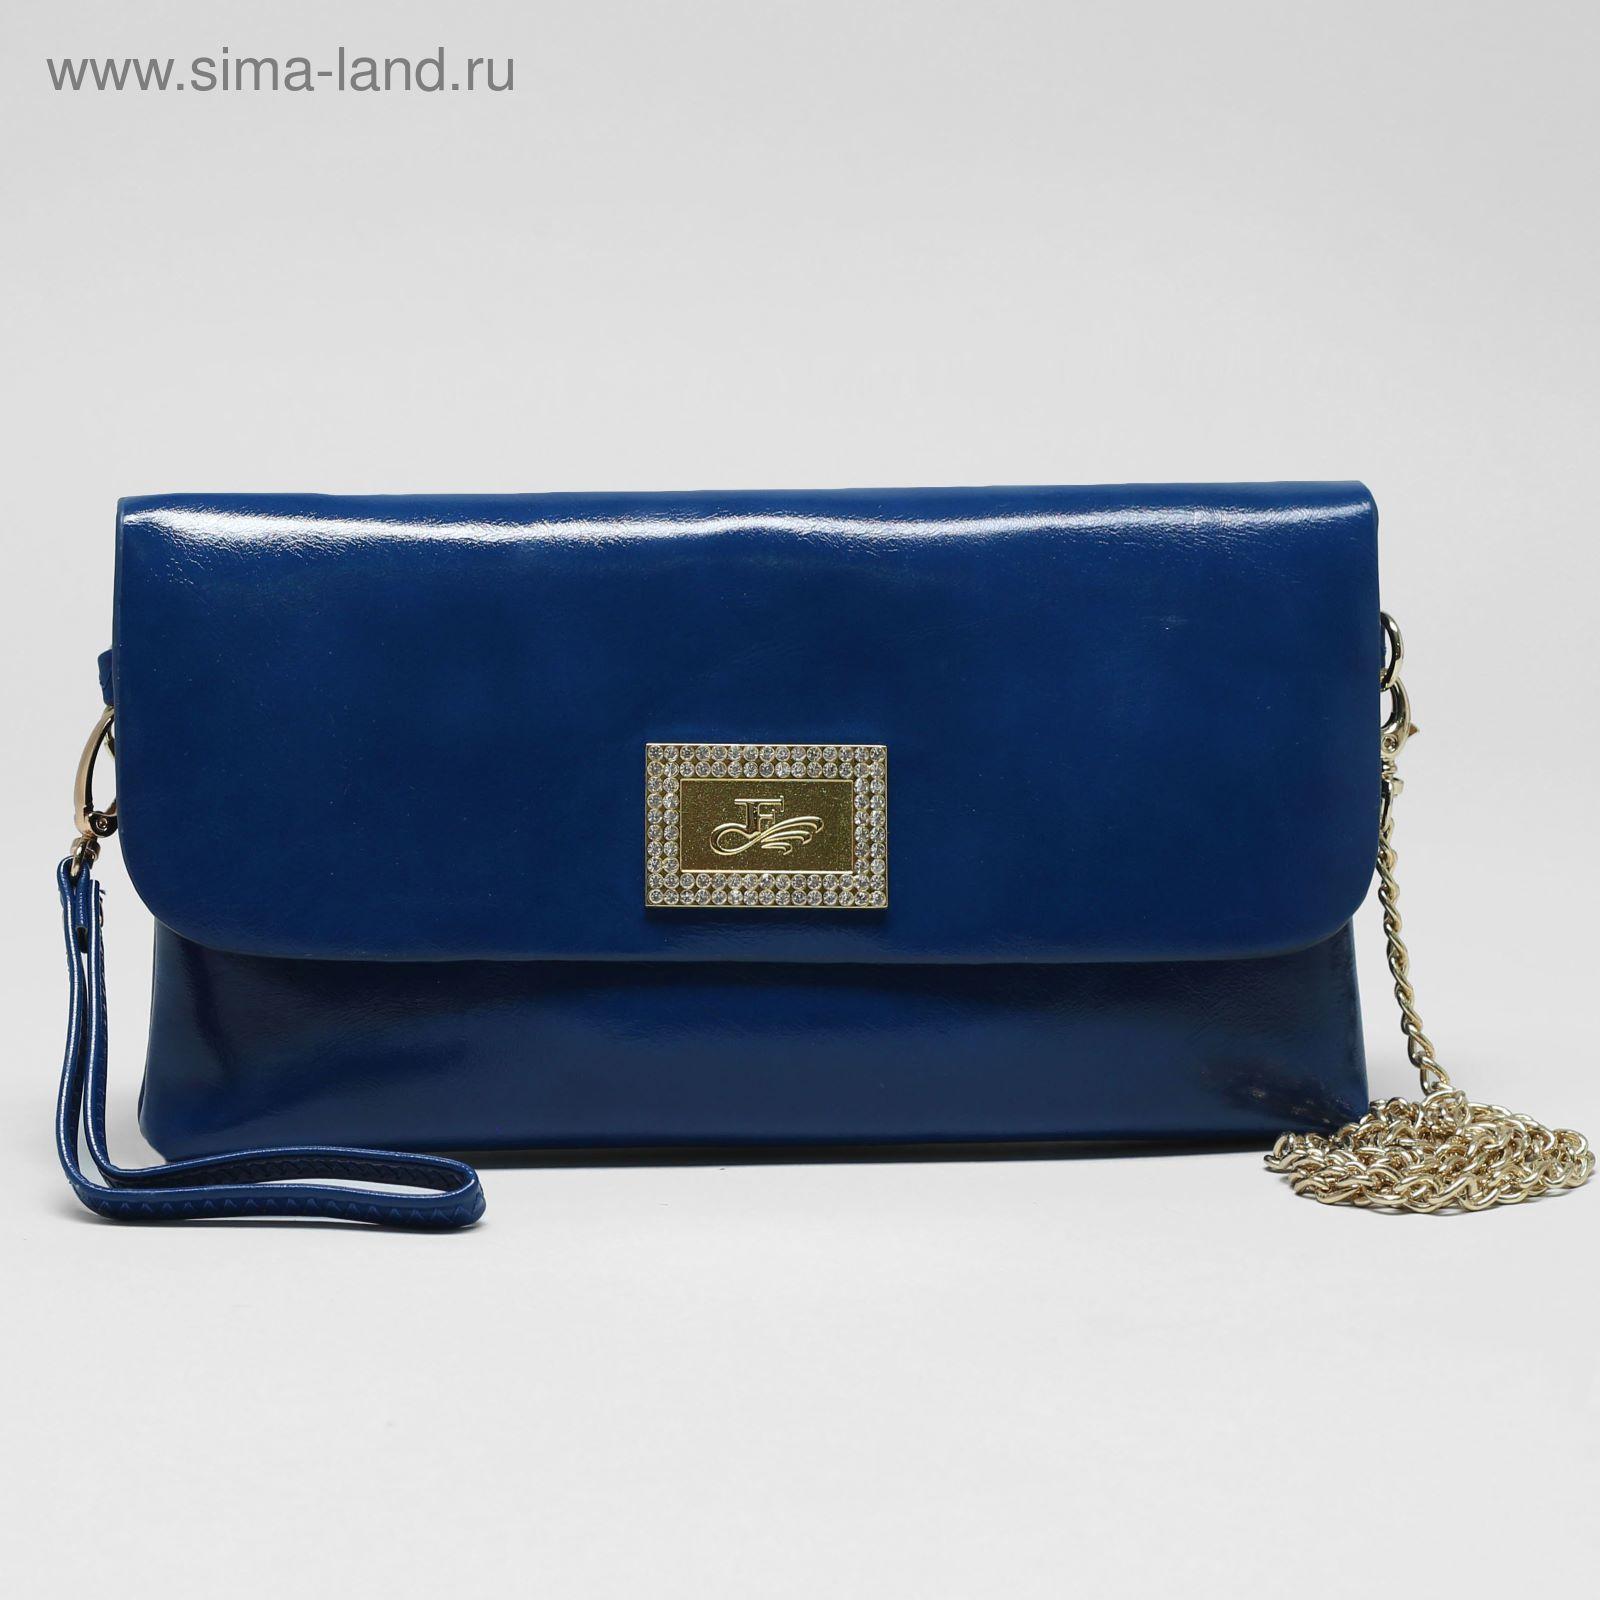 5b45095cf1bb Клатч женский на молнии, 1 отдел с перегородкой, с ручкой, цепочка, цвет  синий